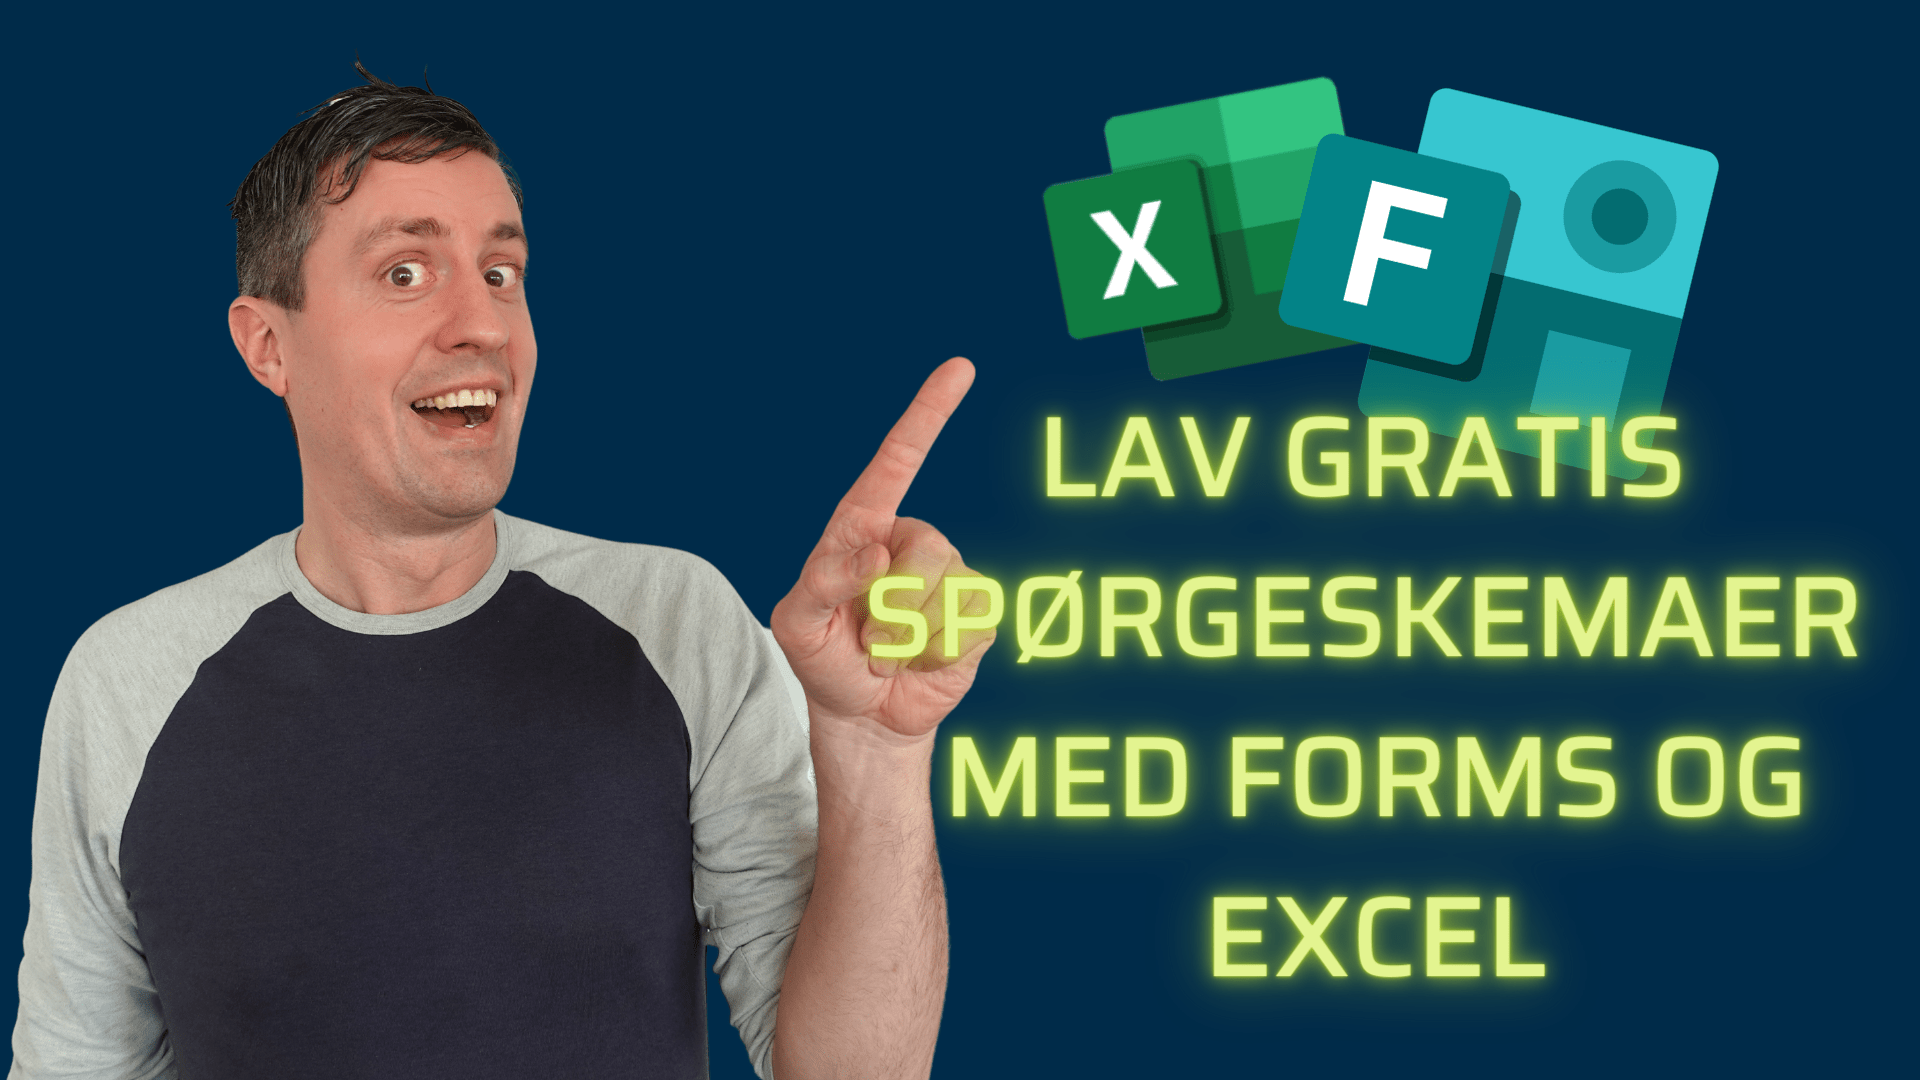 LAV GRATIS SPØRGESKEMAER MED FORMS OG EXCEL